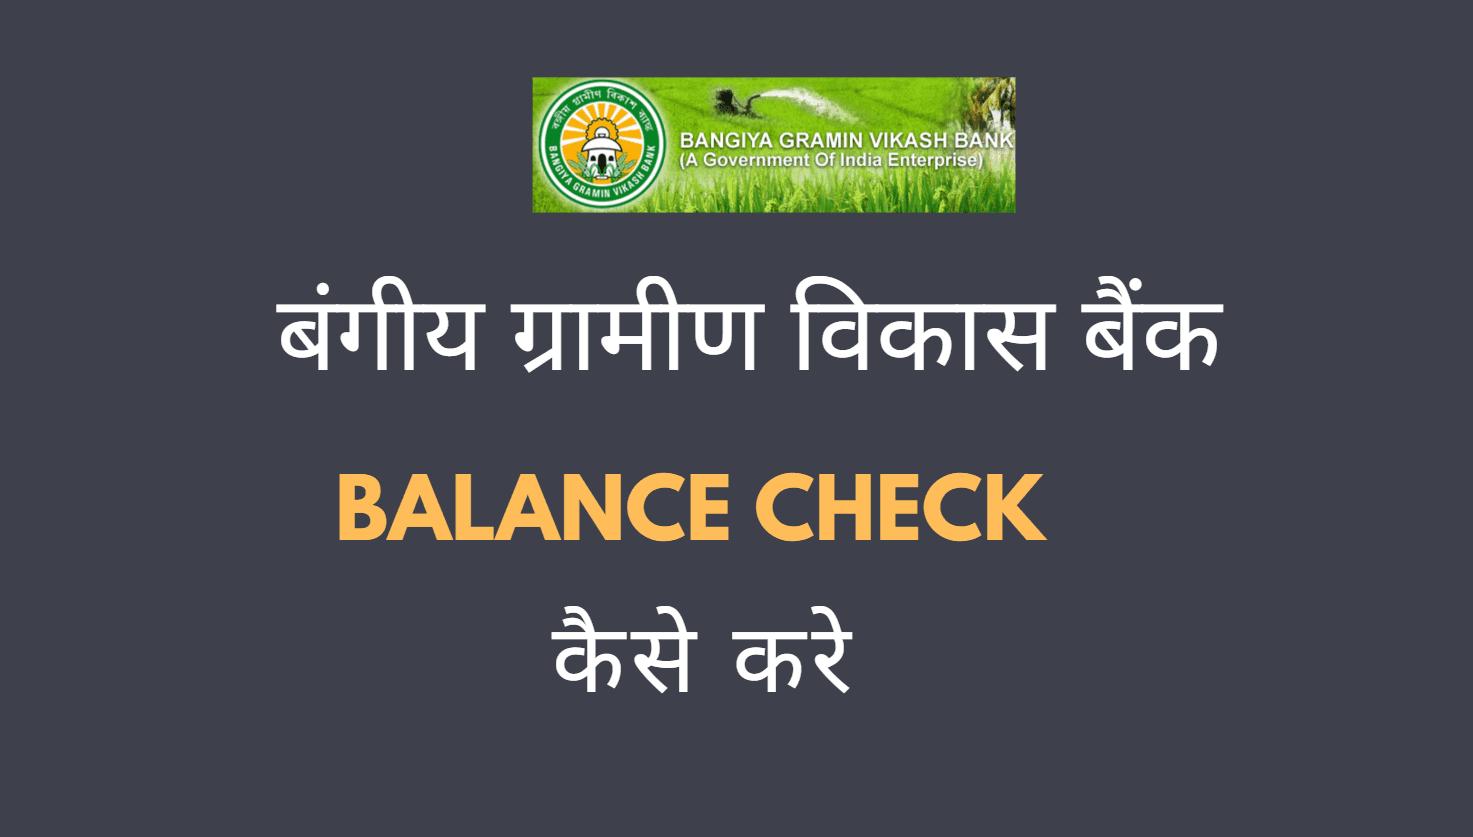 bangiya gramin vikash bank balance enquiry number